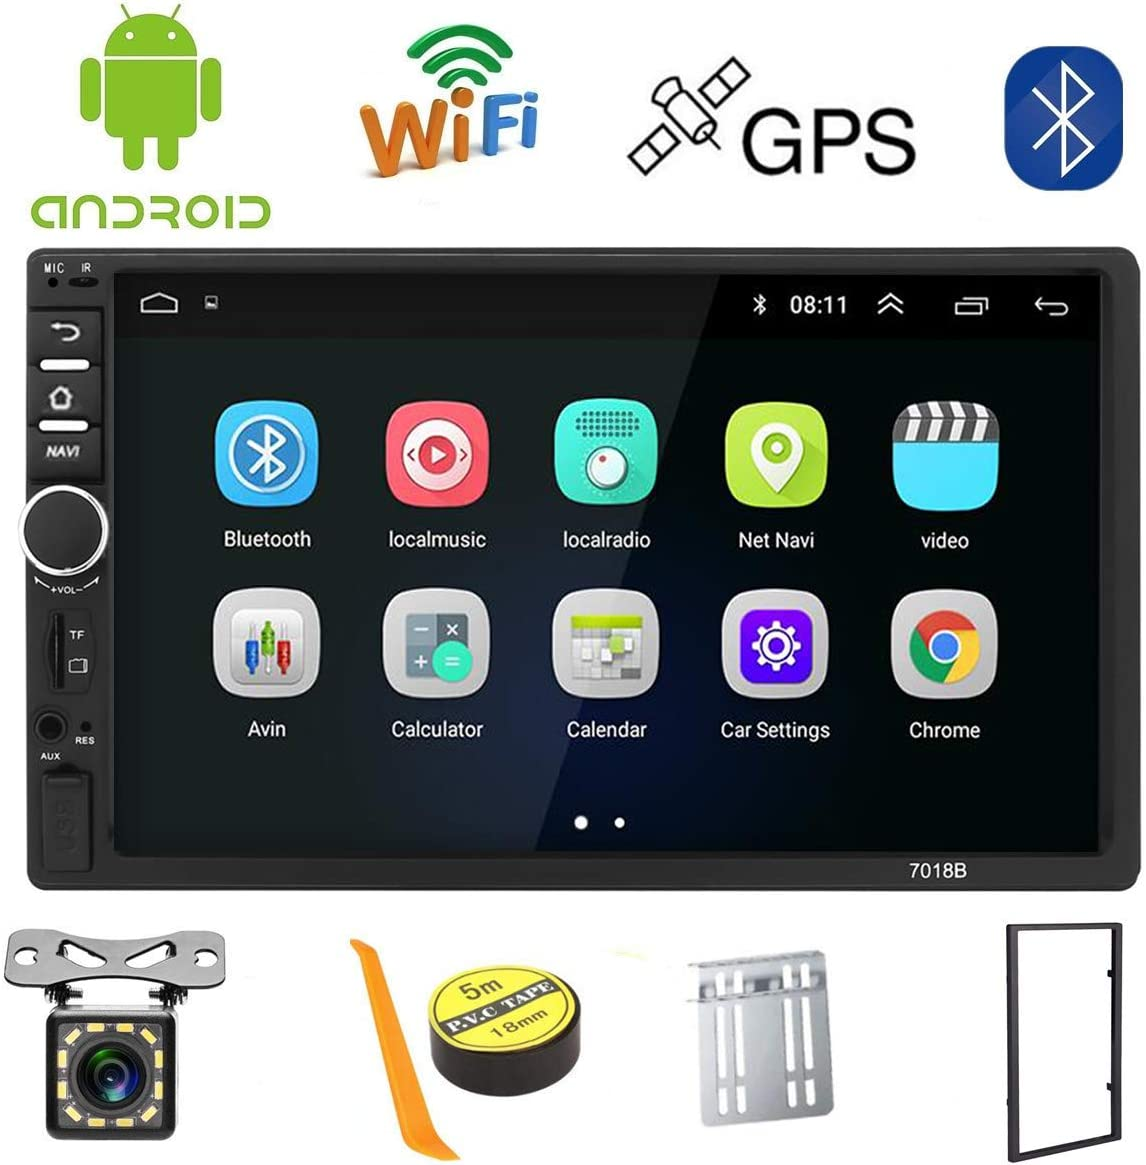 Android Doble Din Radio De Coche Navegacion GPS,7 Pulgadas Coche Reproductor MP5 USB/SD/AUX Entrada,Radios Para Coche Bluetooth,Radio FM,Enlace Espejo ,WiFi,con Cámara Trasera